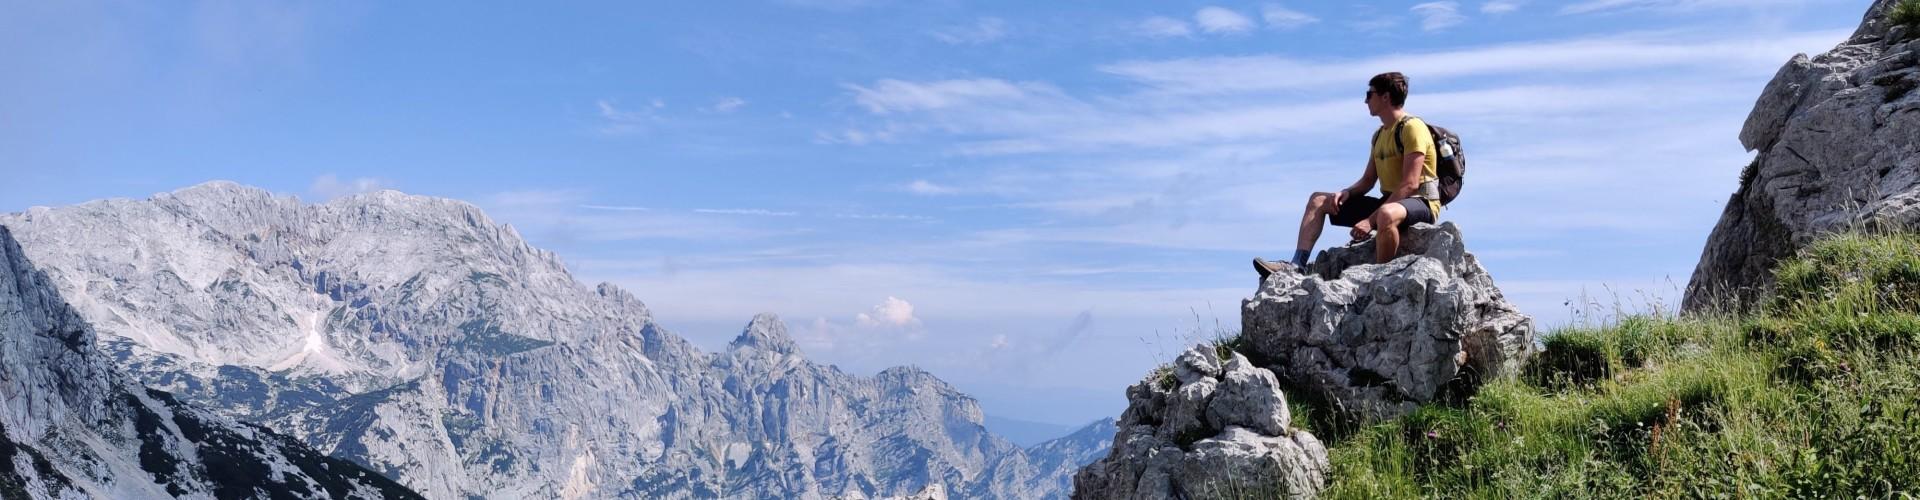 Julische Alpen Uitzicht met Kaaiman reiziger